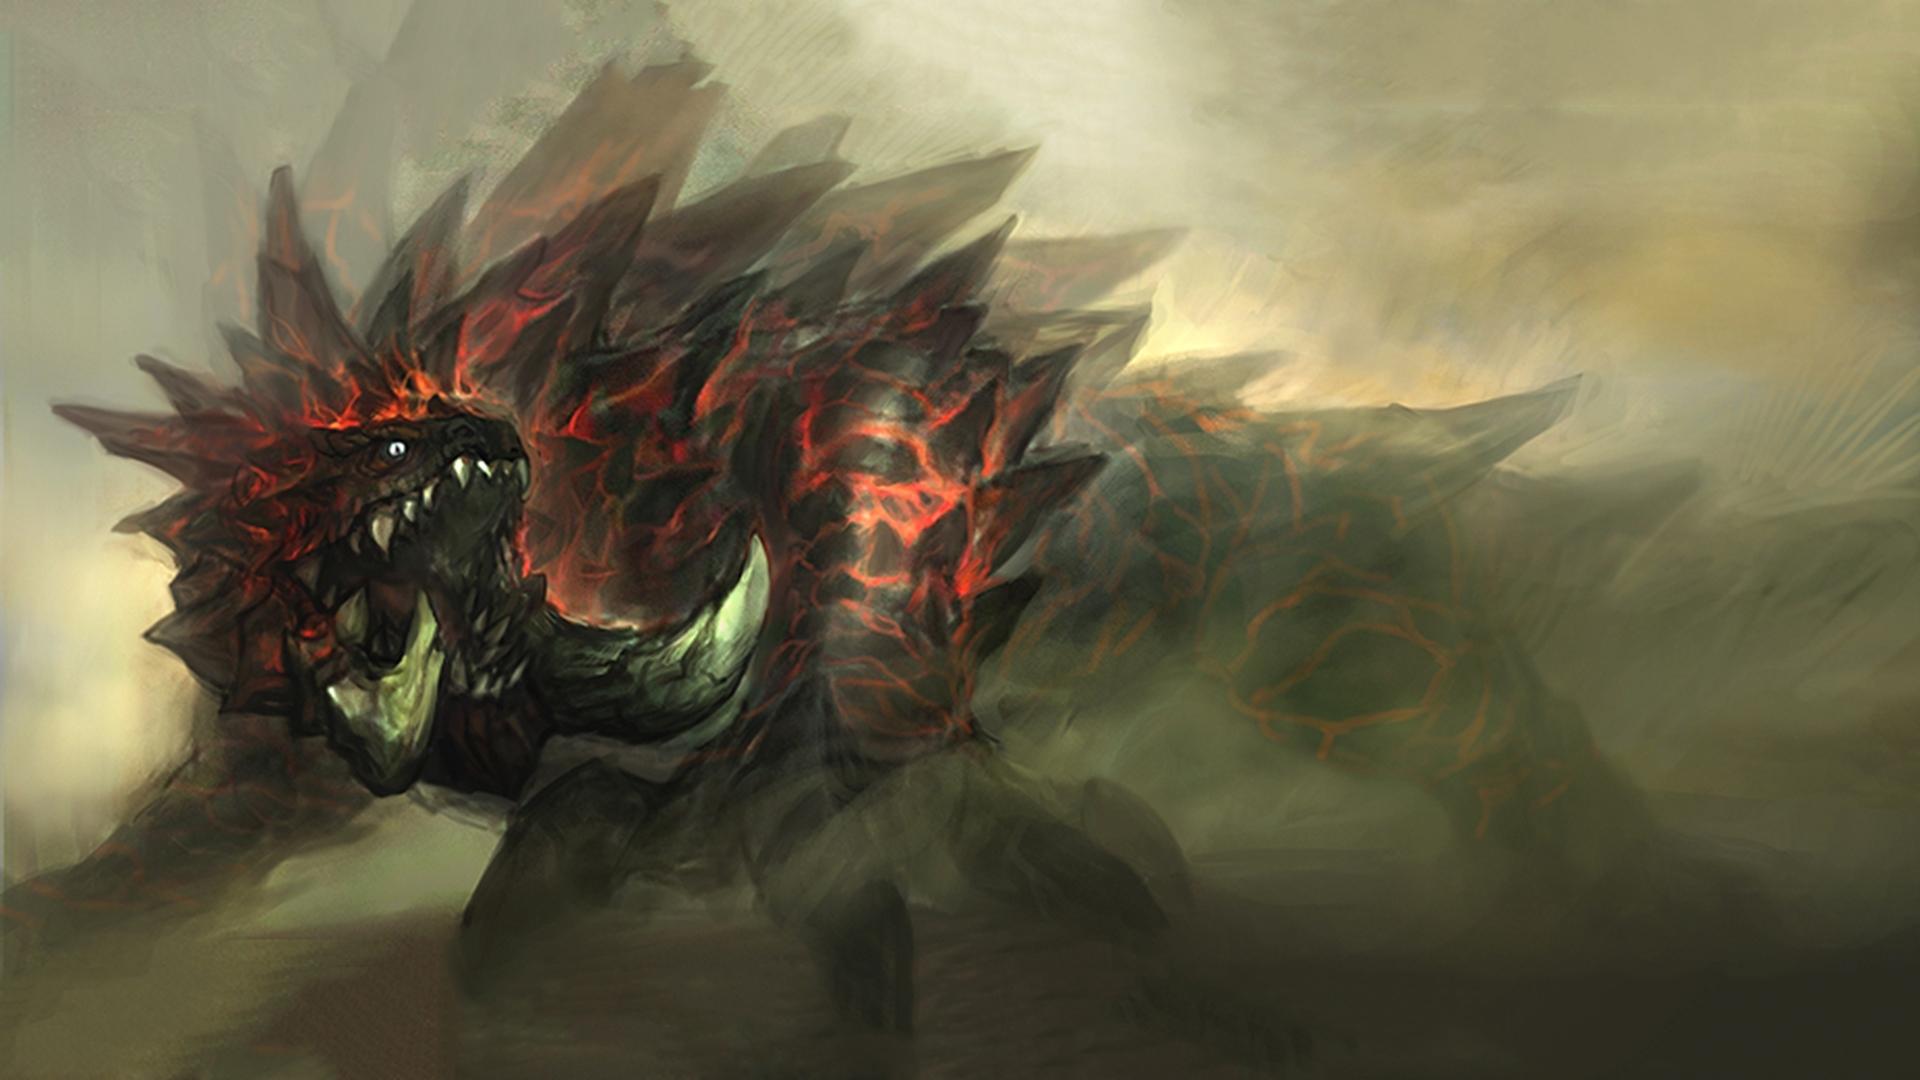 monster hunter wallpapers, 37 free monster hunter wallpapers